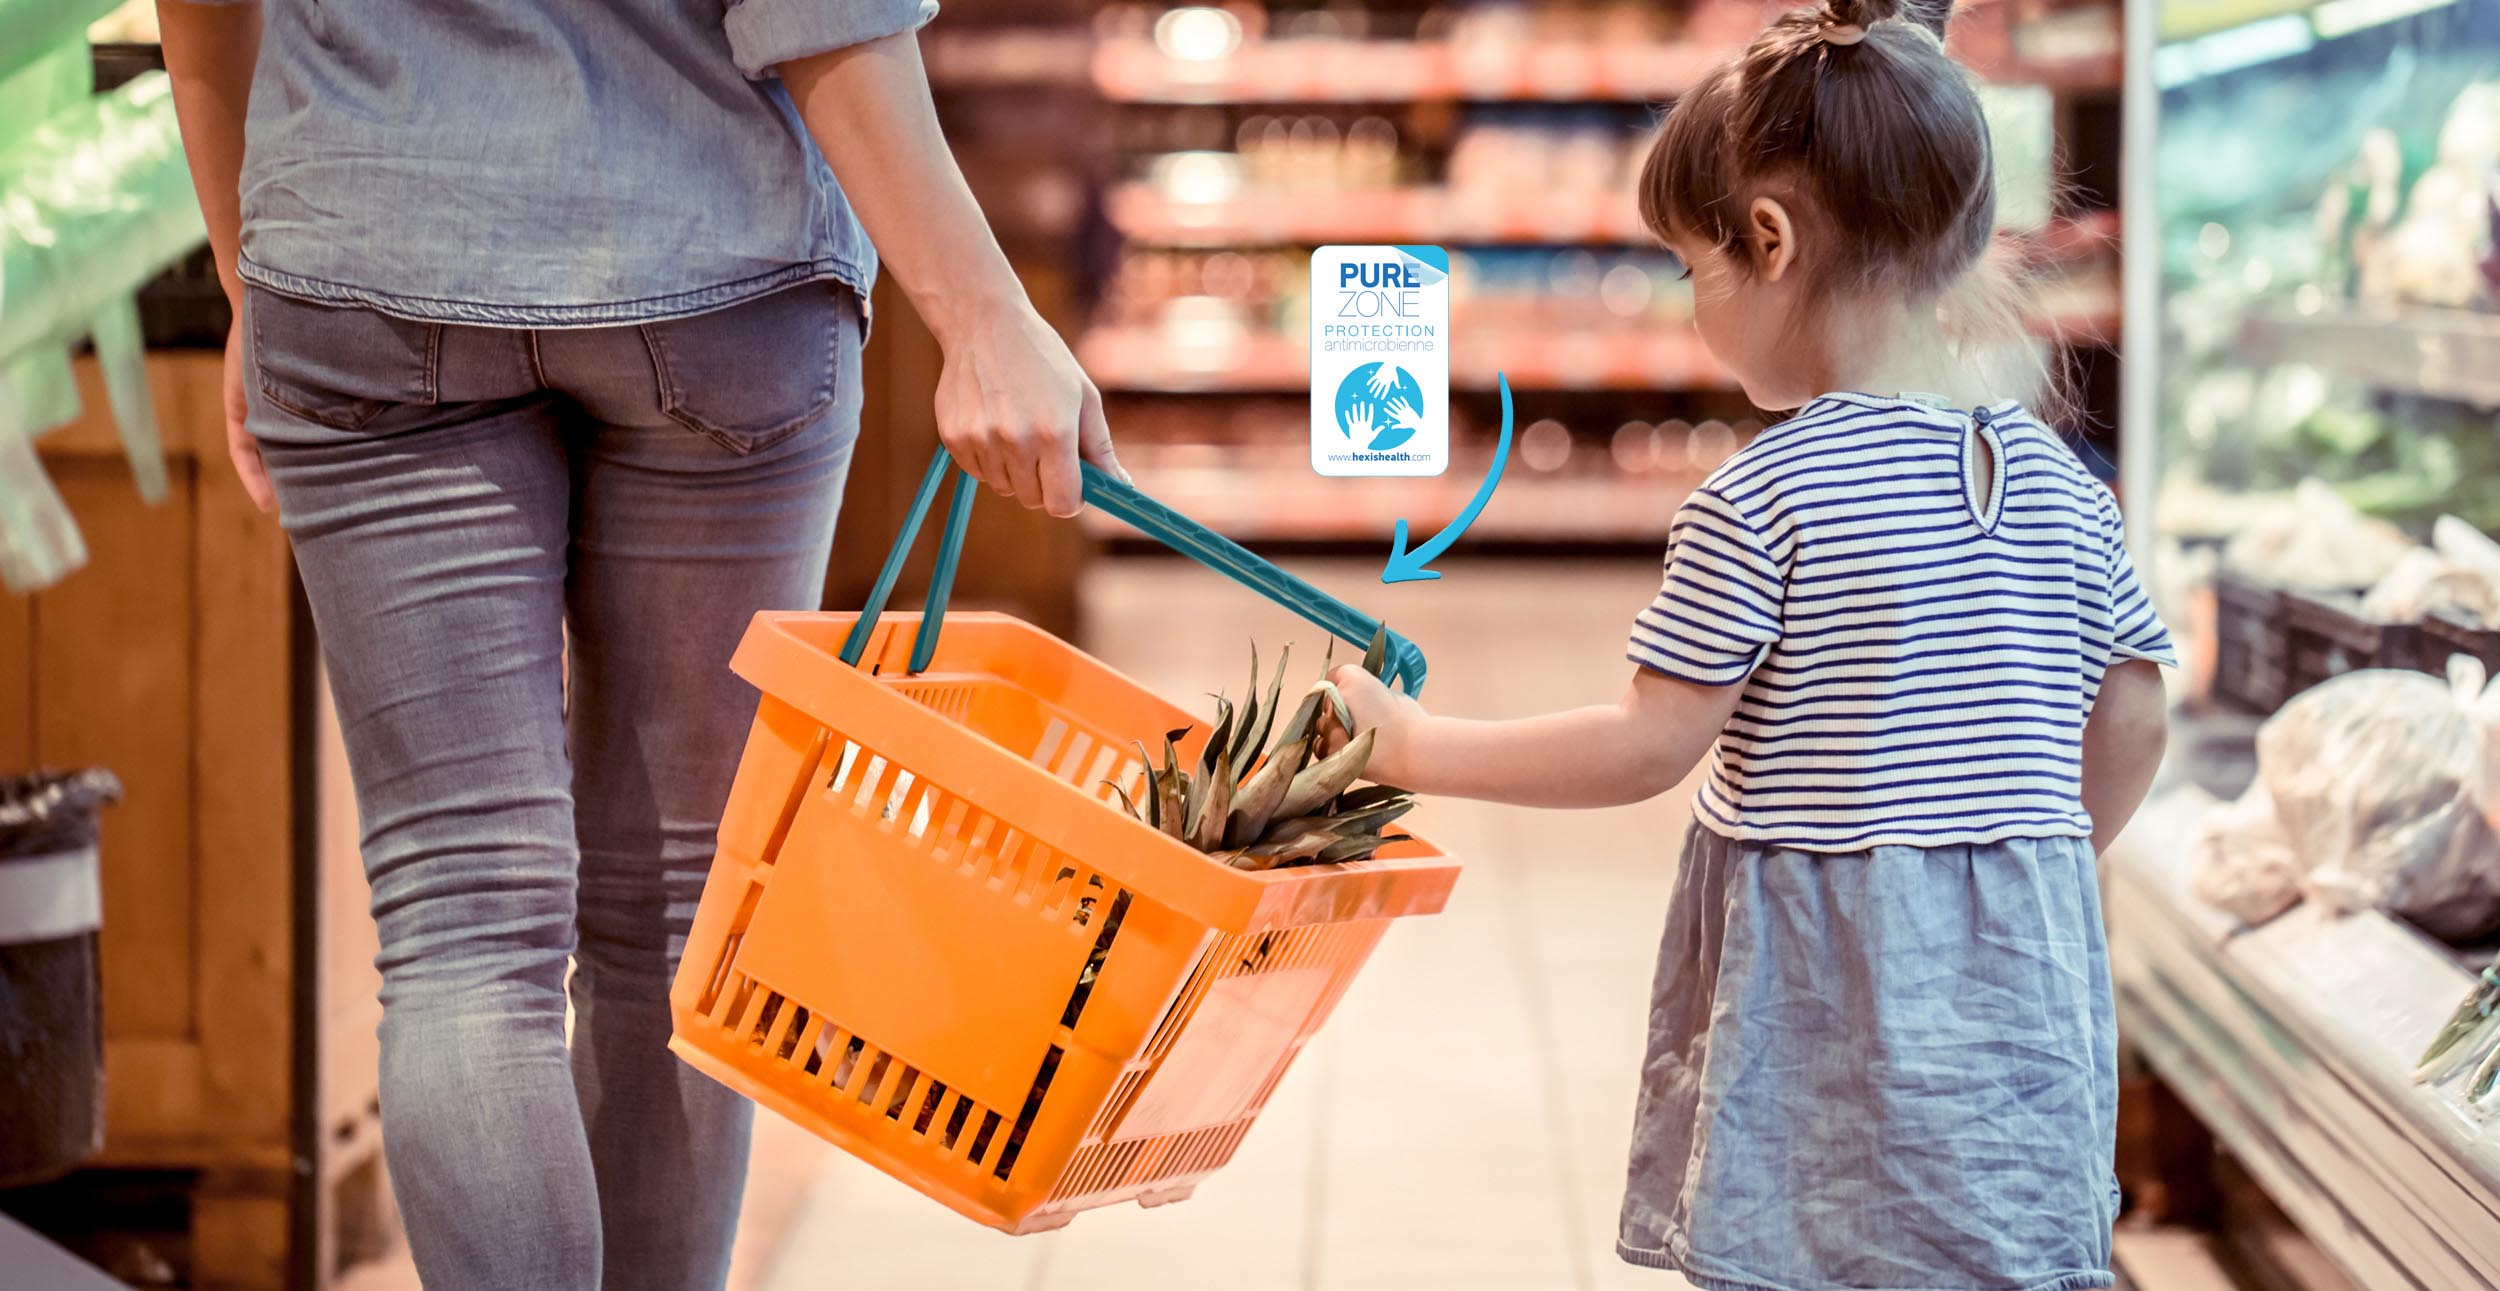 petite fille touchant un panier de courses de supermarché par adobe stock protection des surfaces avec film antibactérien pure zone